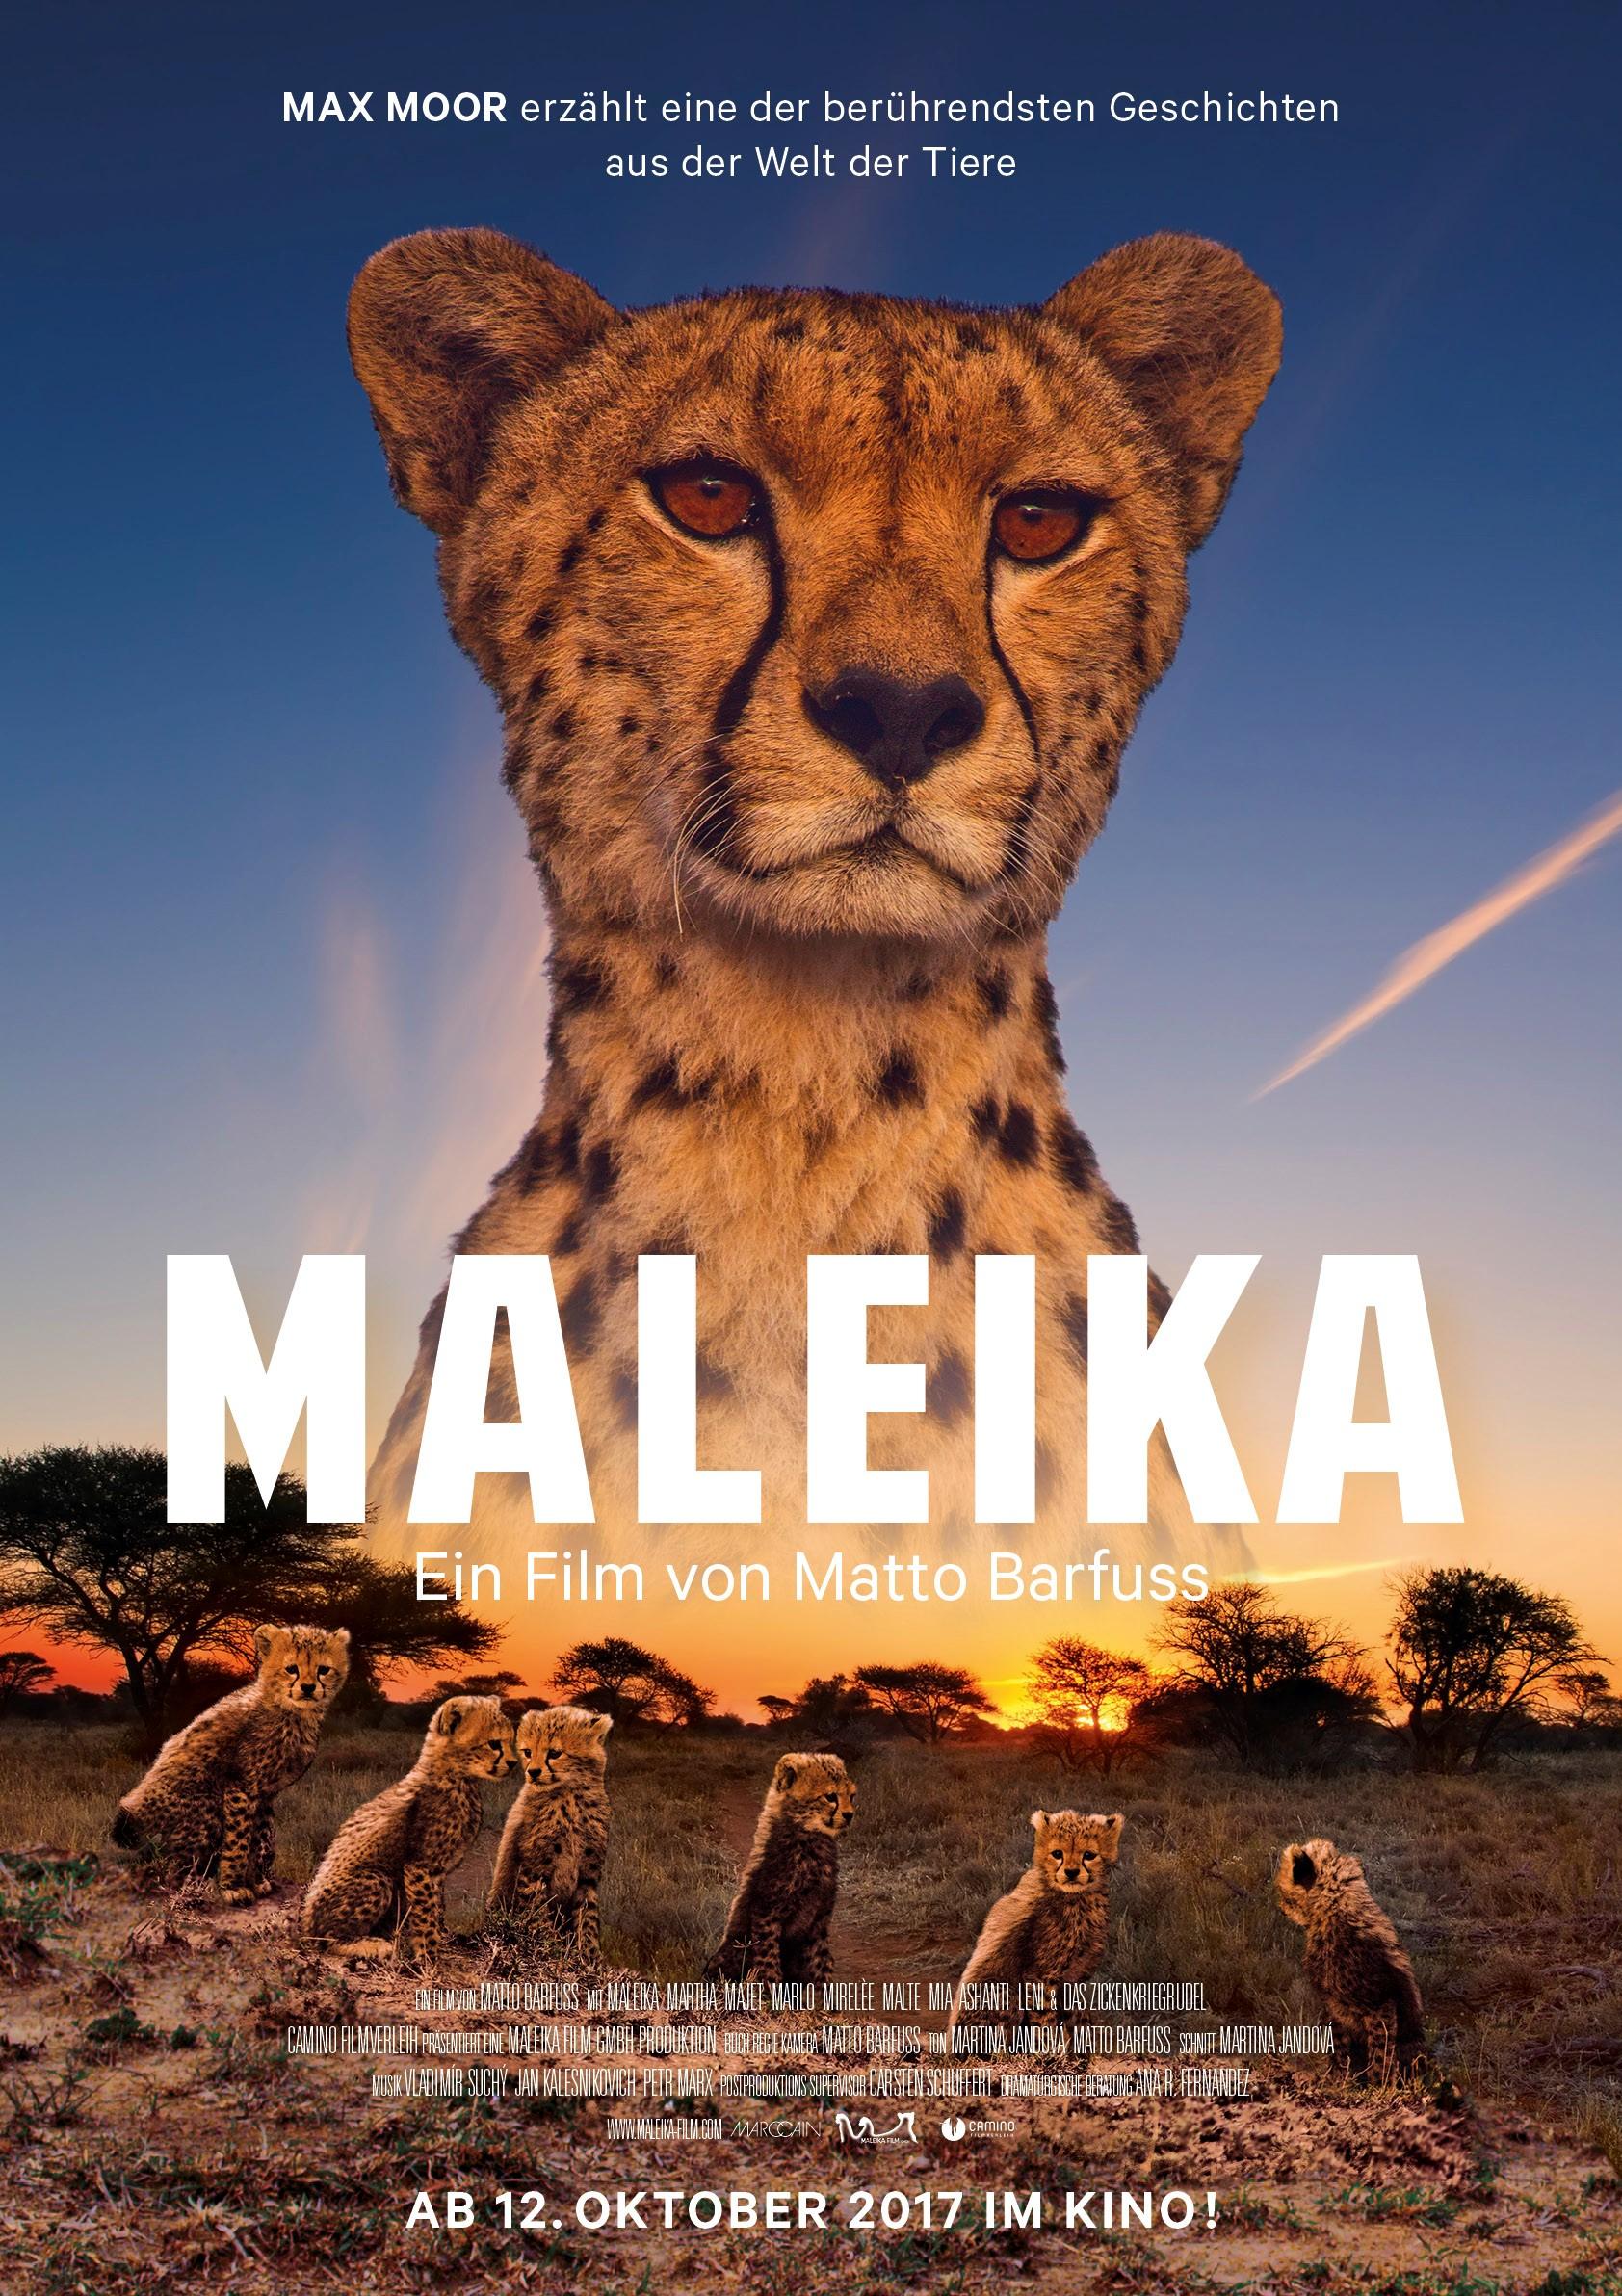 maleika_filmplakat